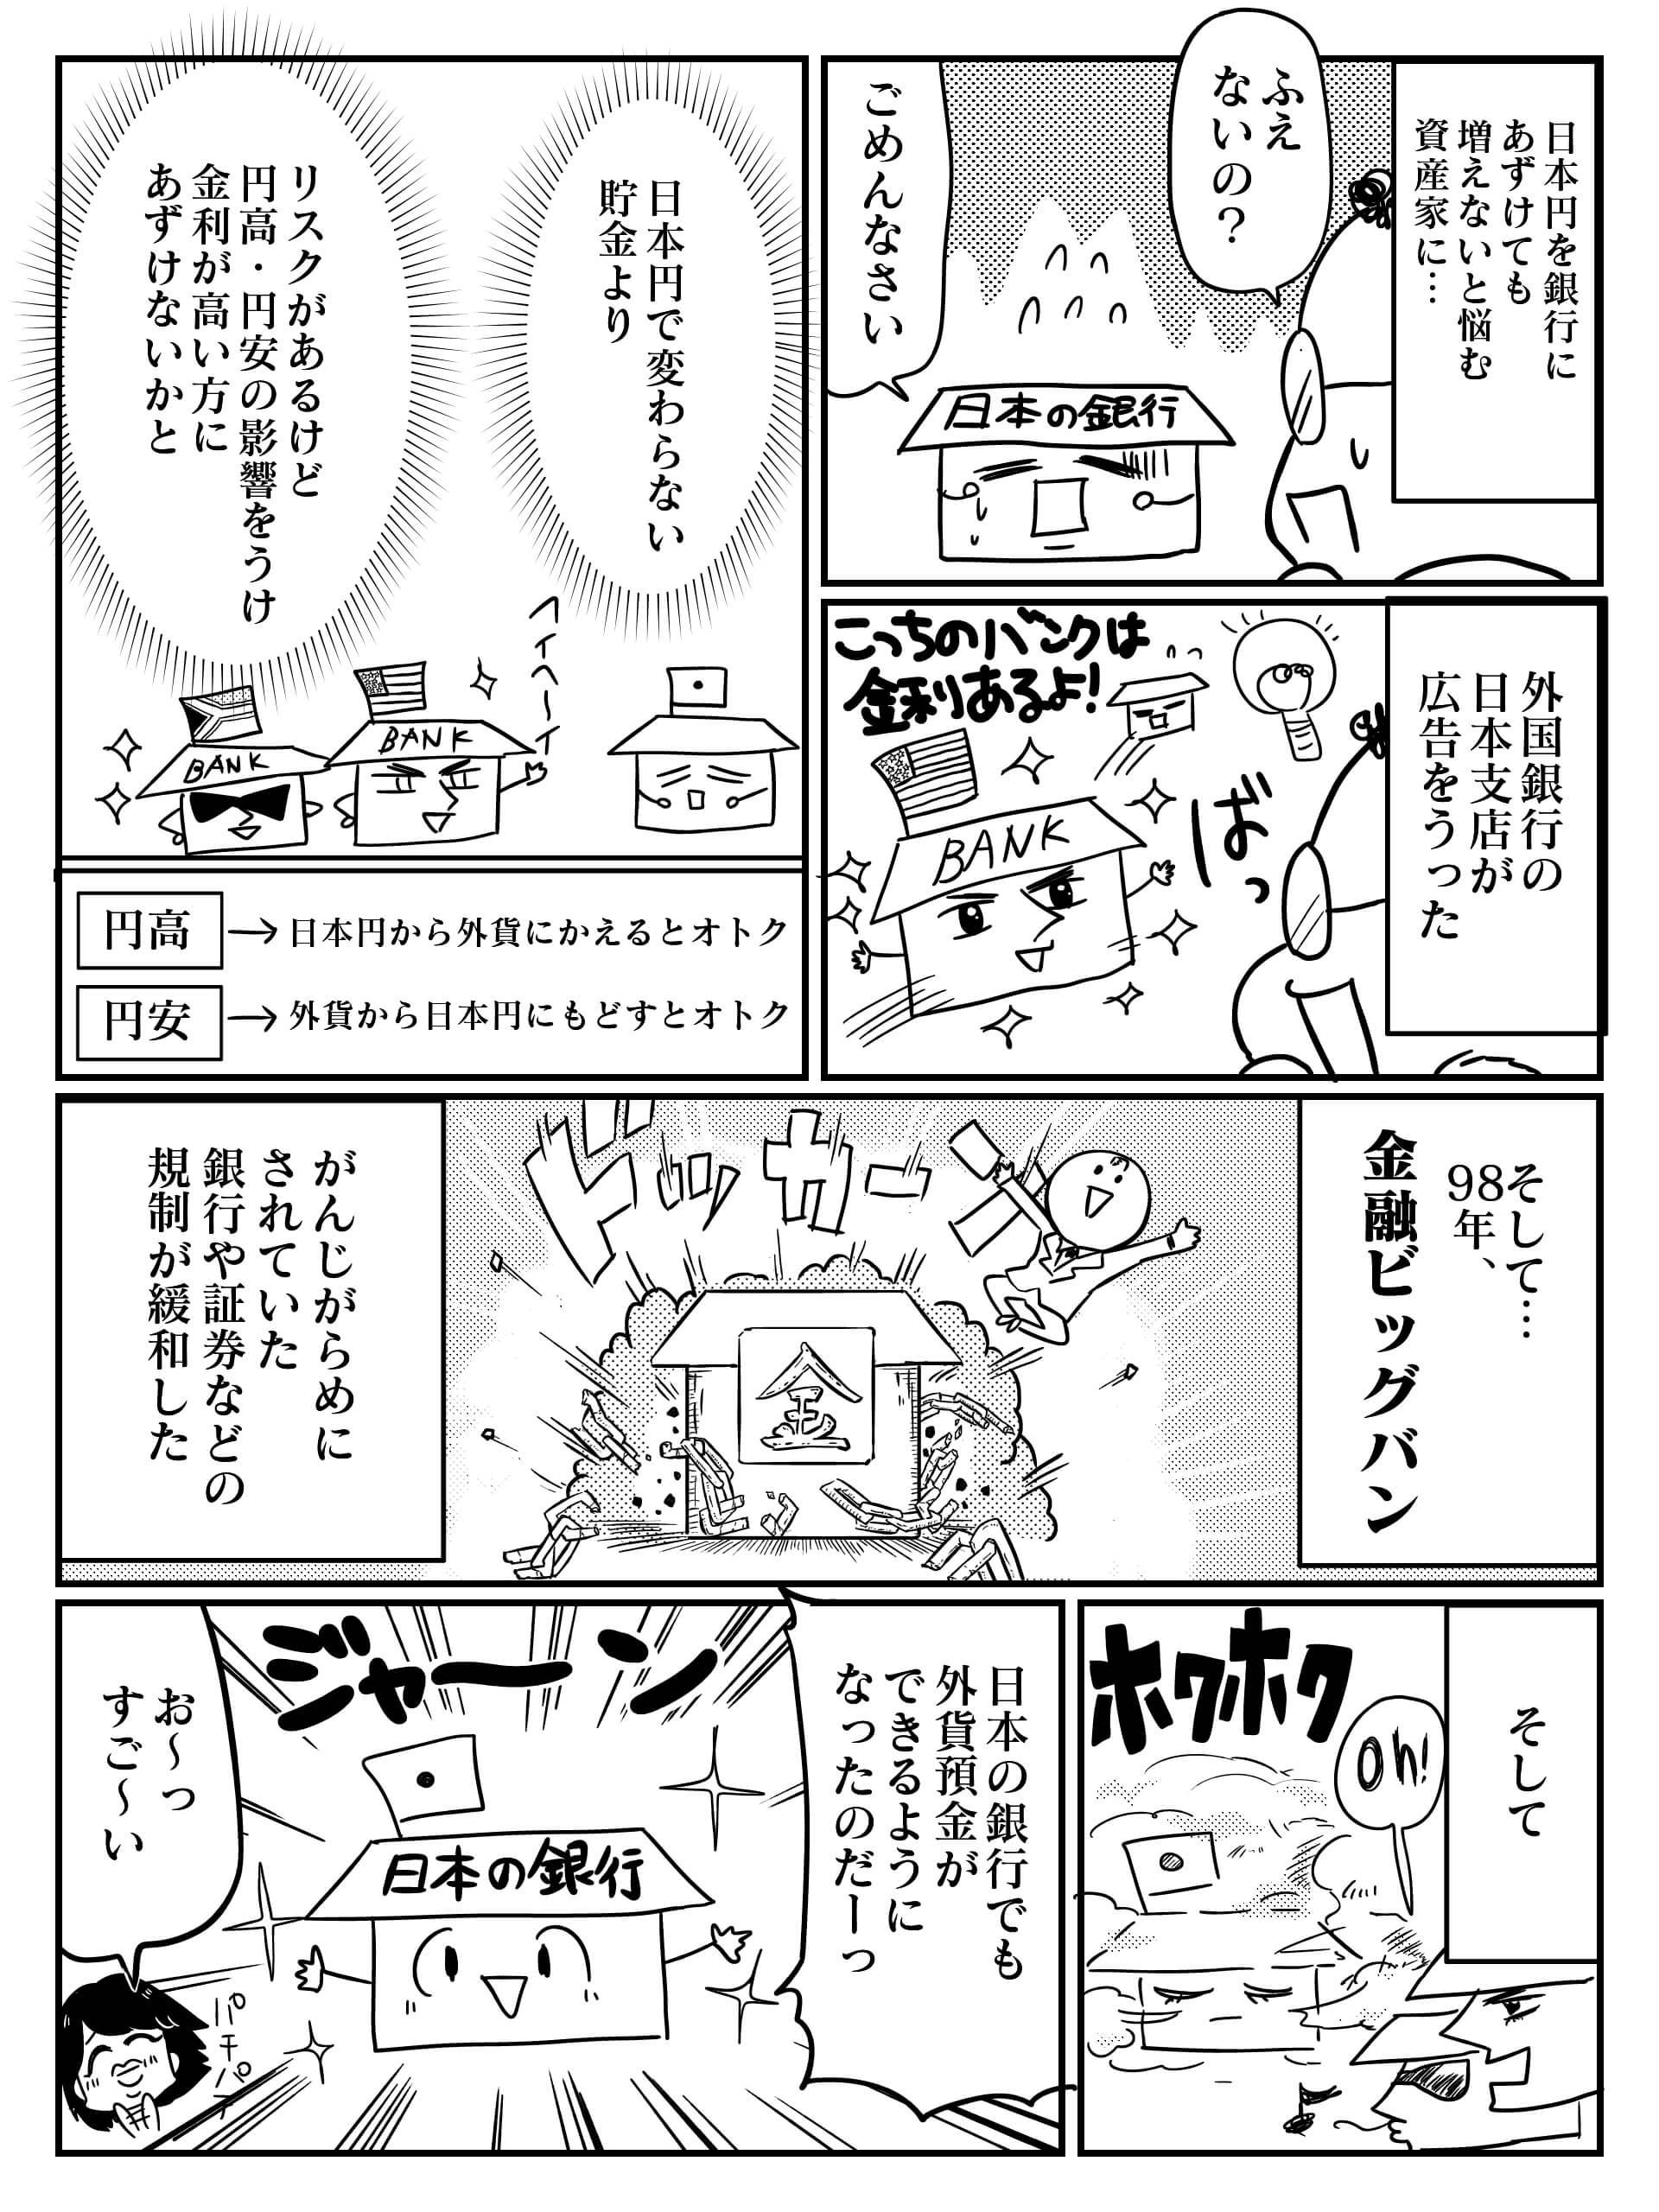 外貨預金漫画1